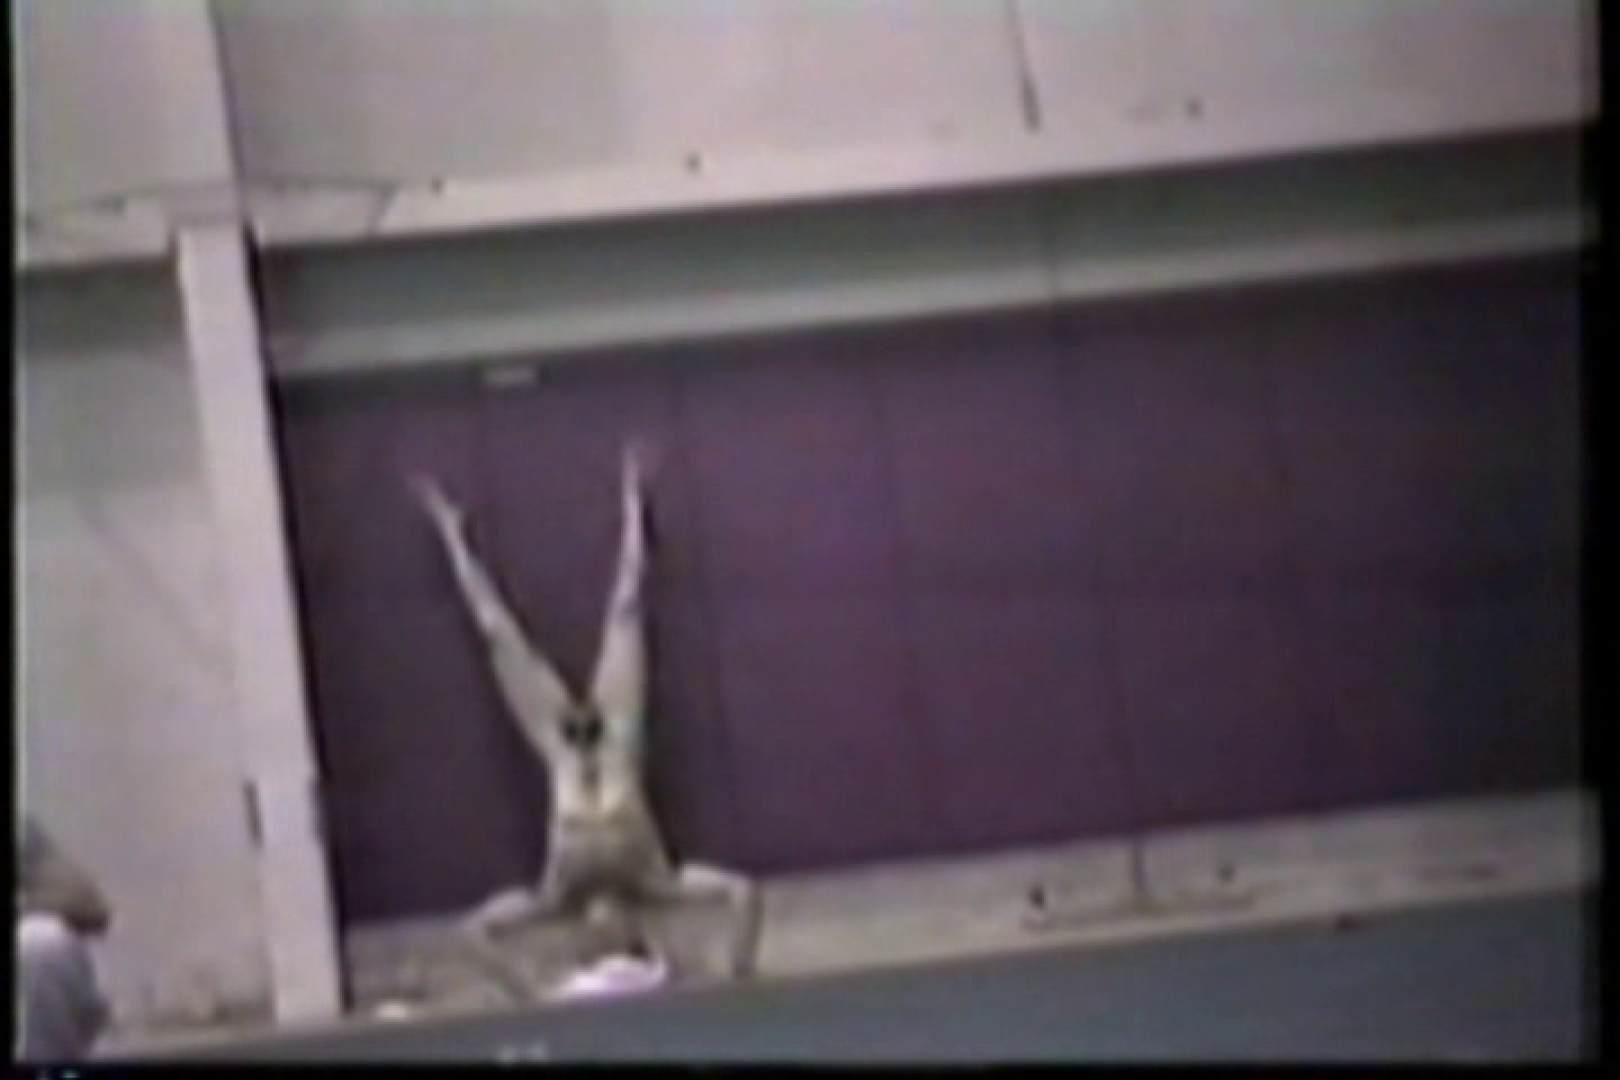 洋人さんの脱衣所を覗いてみました。VOL.7 完全無修正でお届け | ガチムチマッチョ系  95pic 4